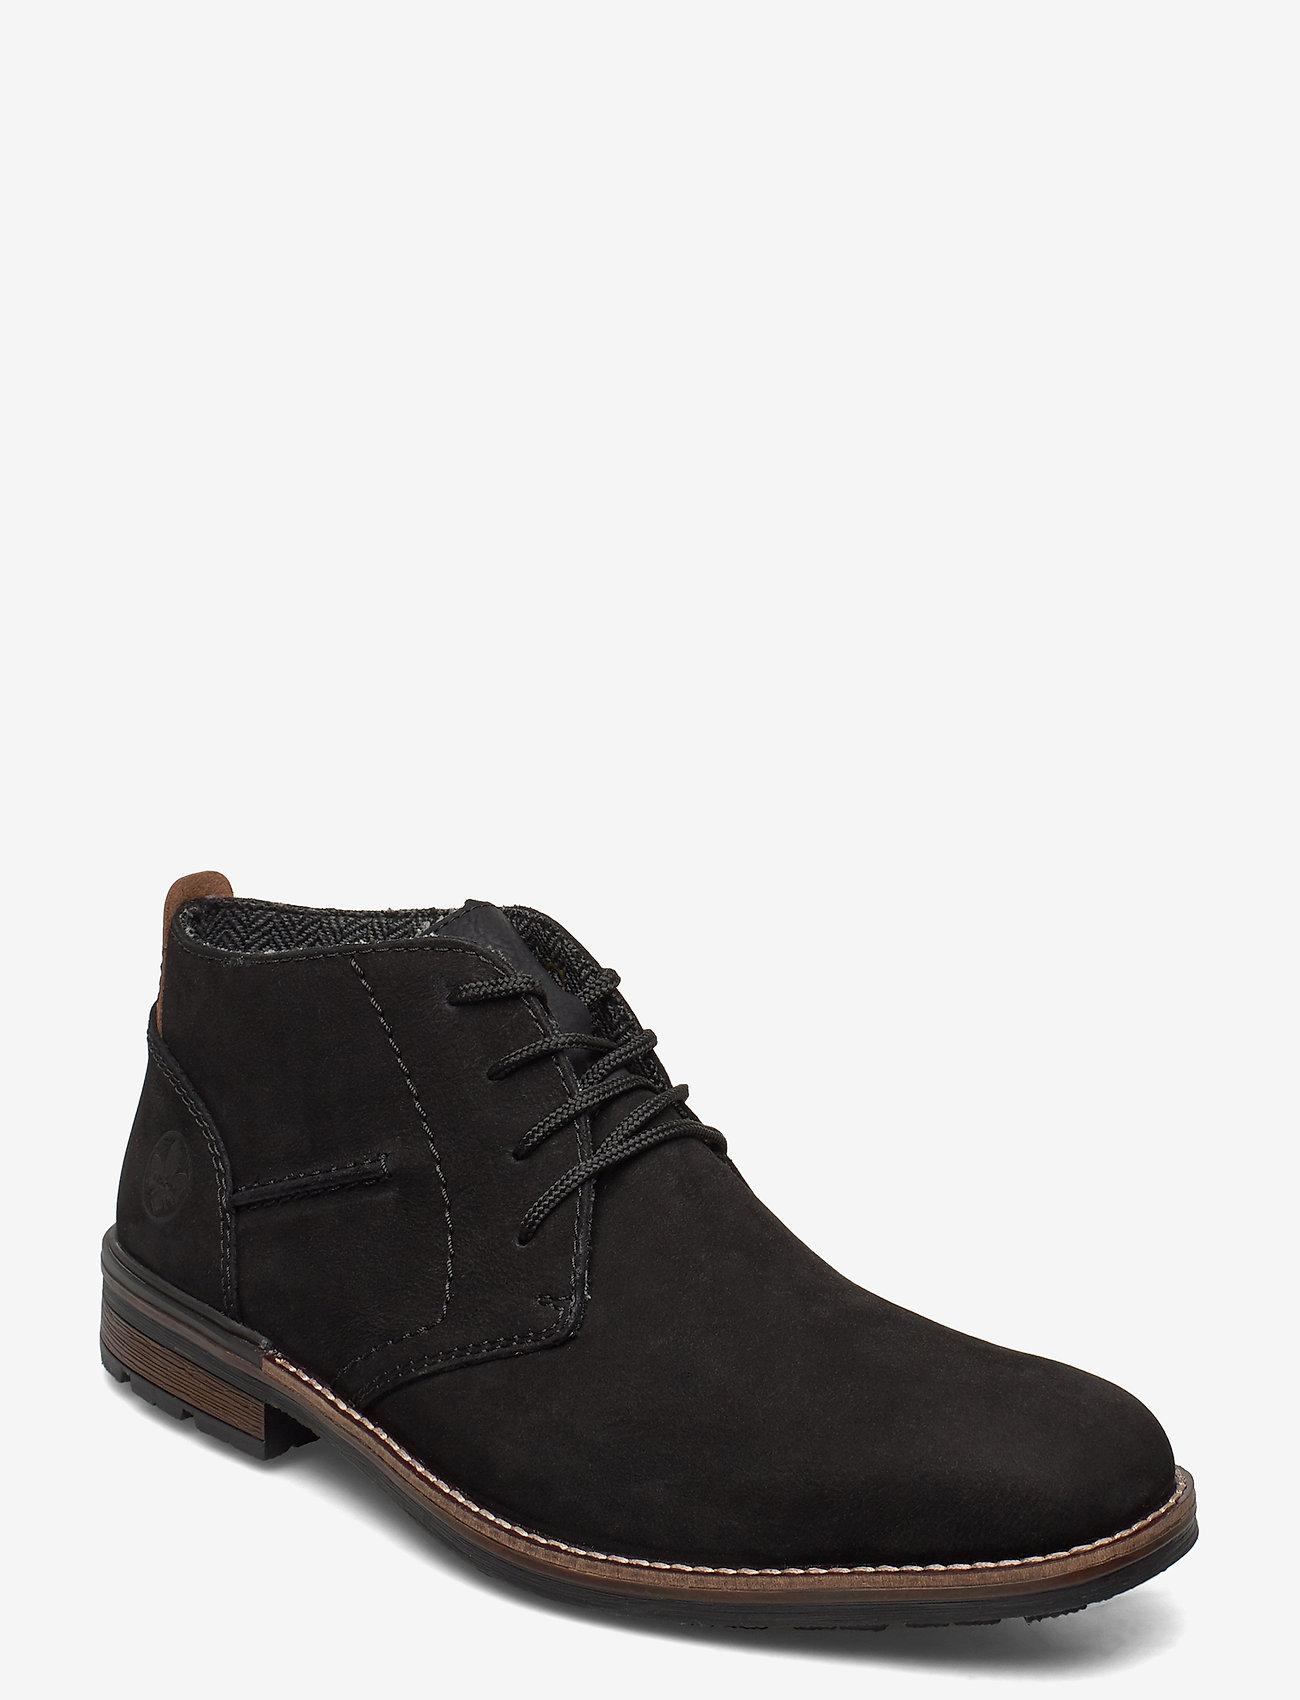 Rieker - B1330-00 - desert boots - black - 0